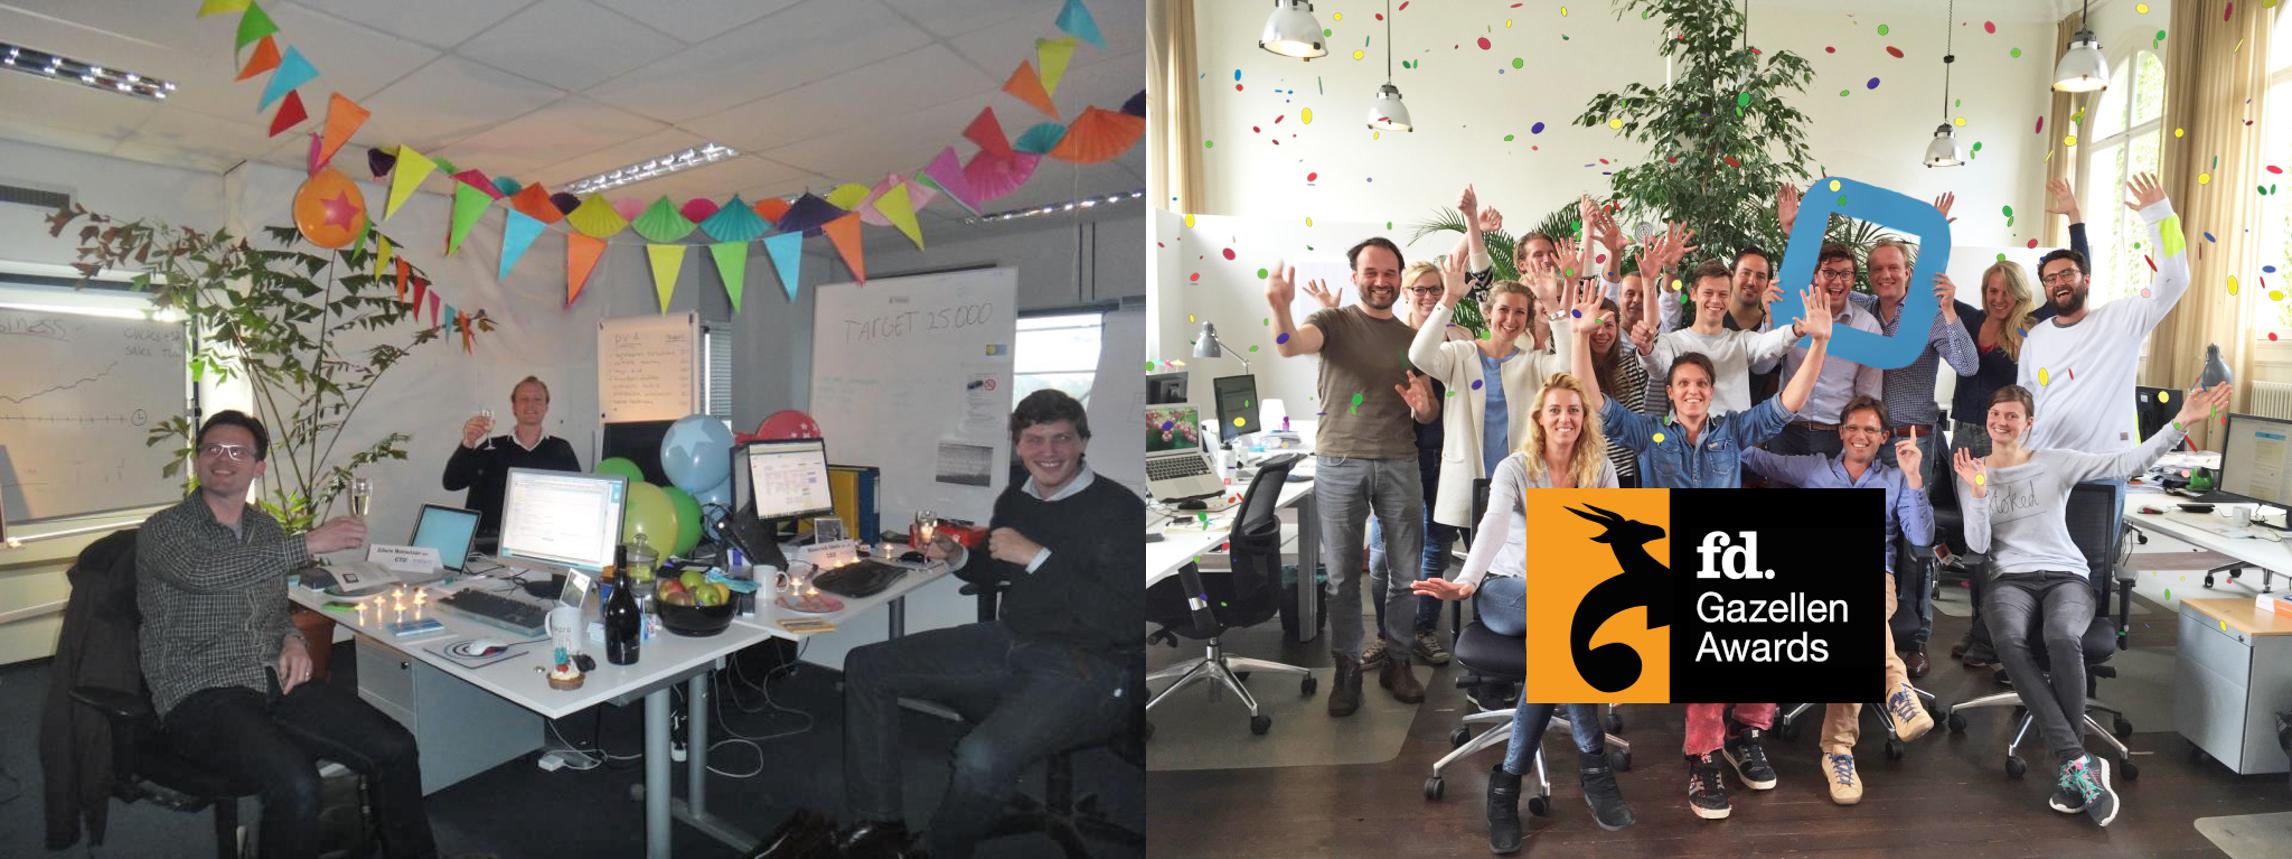 MobPro bij de office opening 2012 en MobPro in 2015.